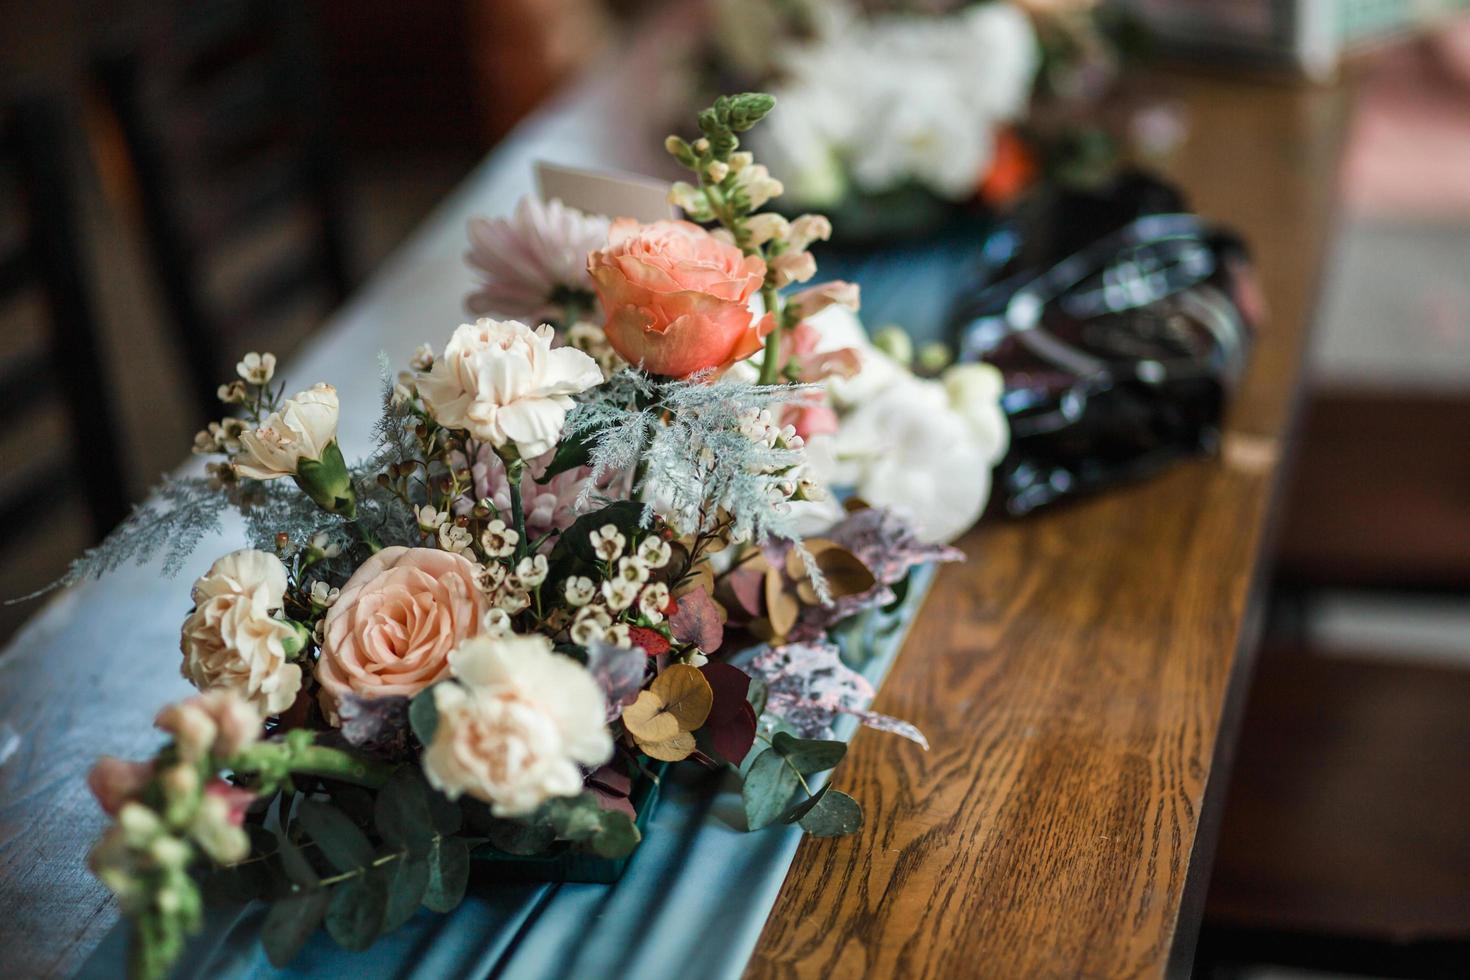 primer plano, de, un, floral, pieza central foto